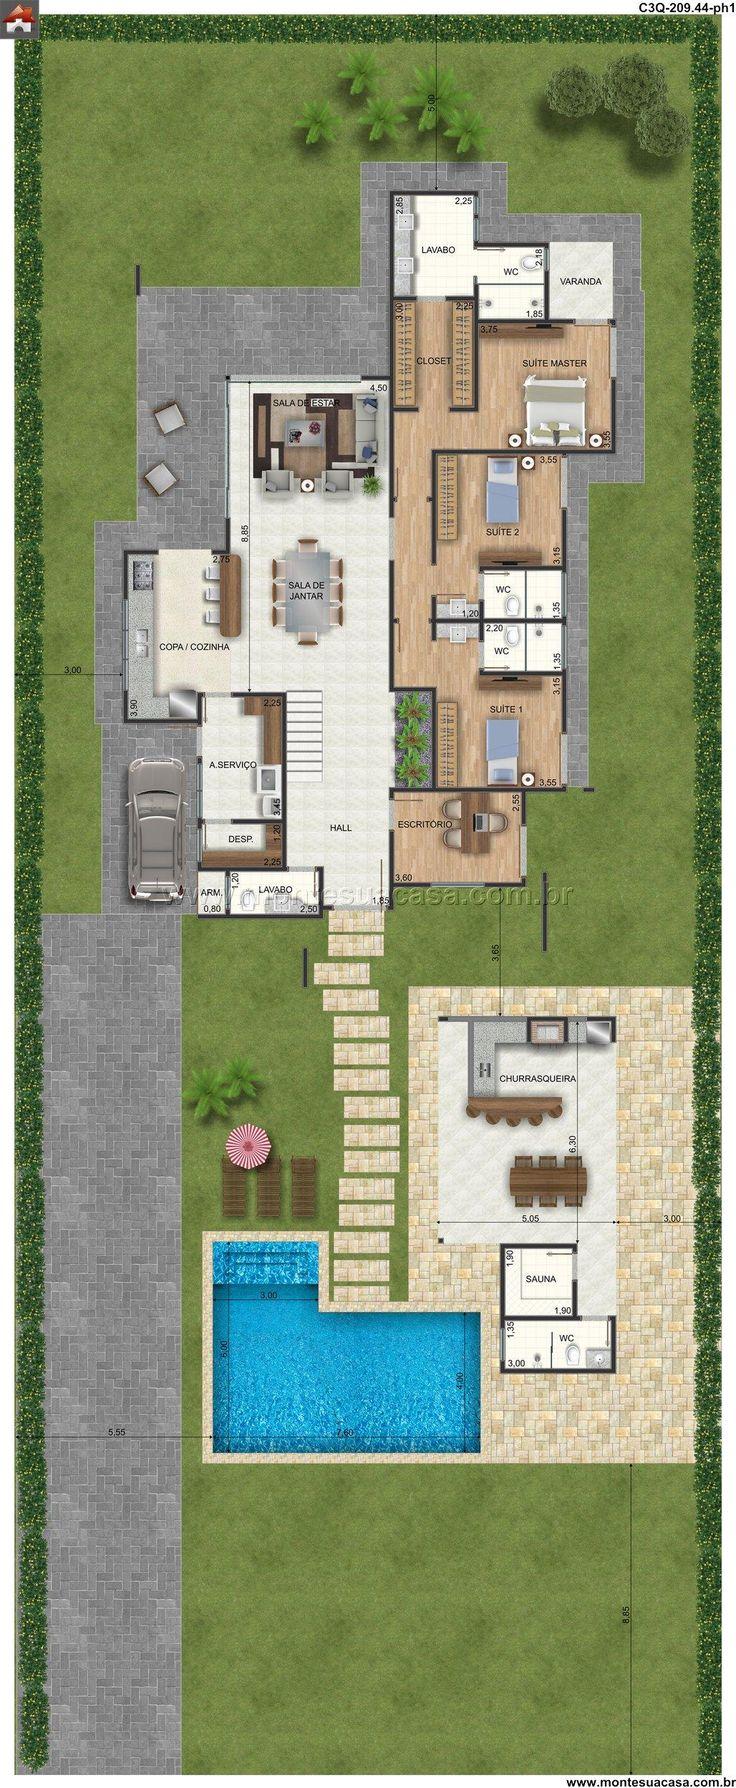 Casa 0 quartos 209 44m²